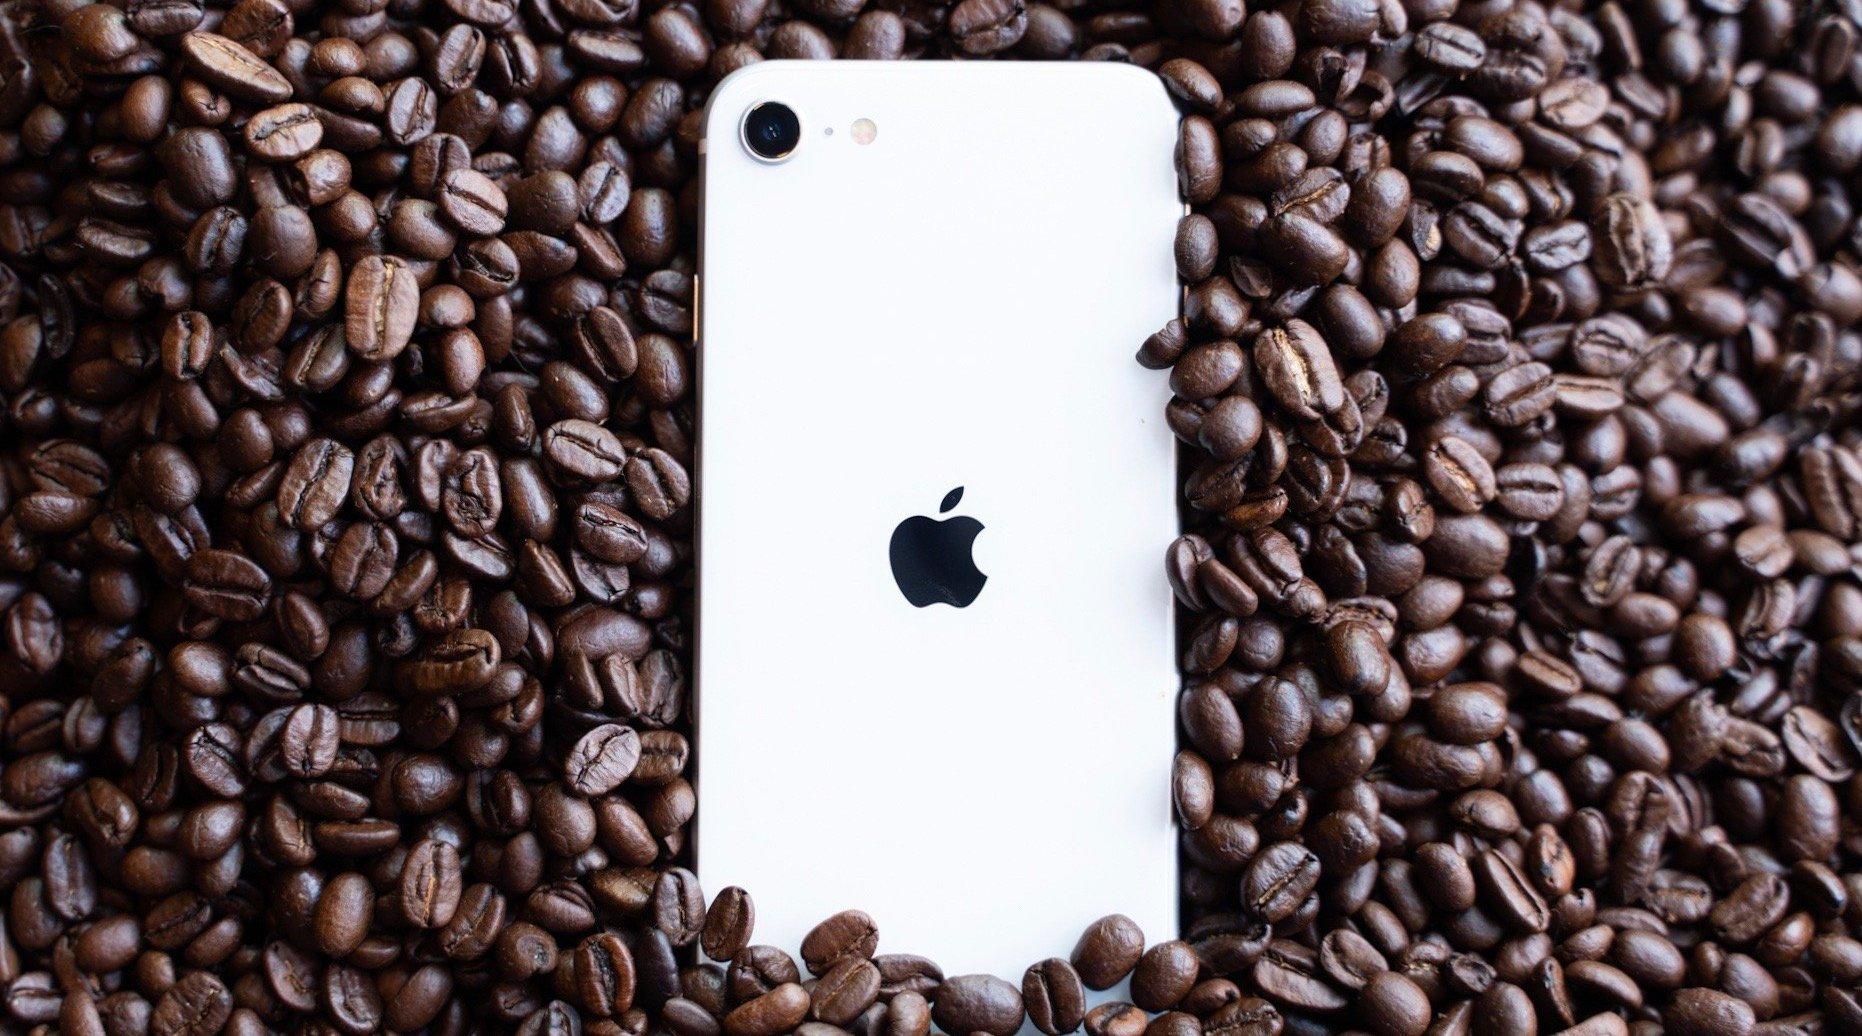 新 iPhone SE 评测: 一个把最强芯片卖到 3000 的故事